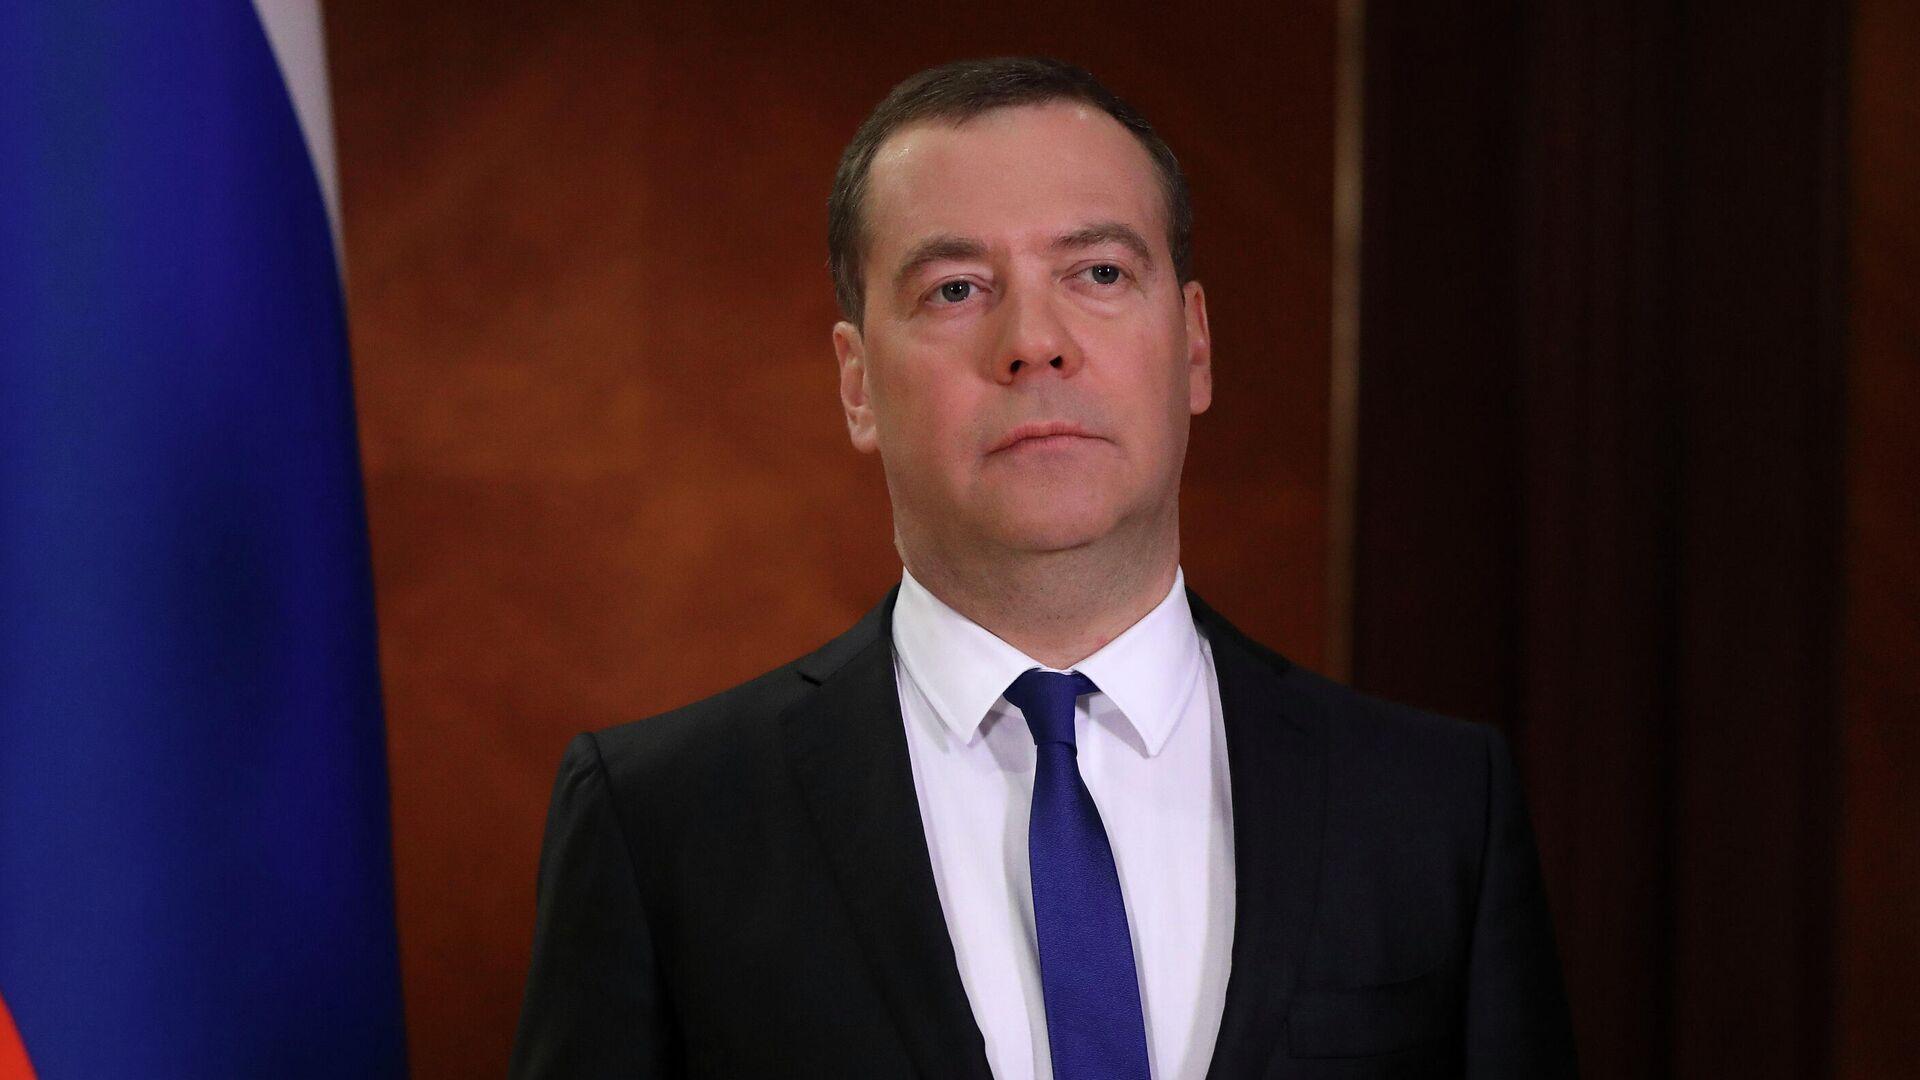 Заместитель председателя Совета Безопасности РФ Дмитрий Медведев - РИА Новости, 1920, 30.10.2020